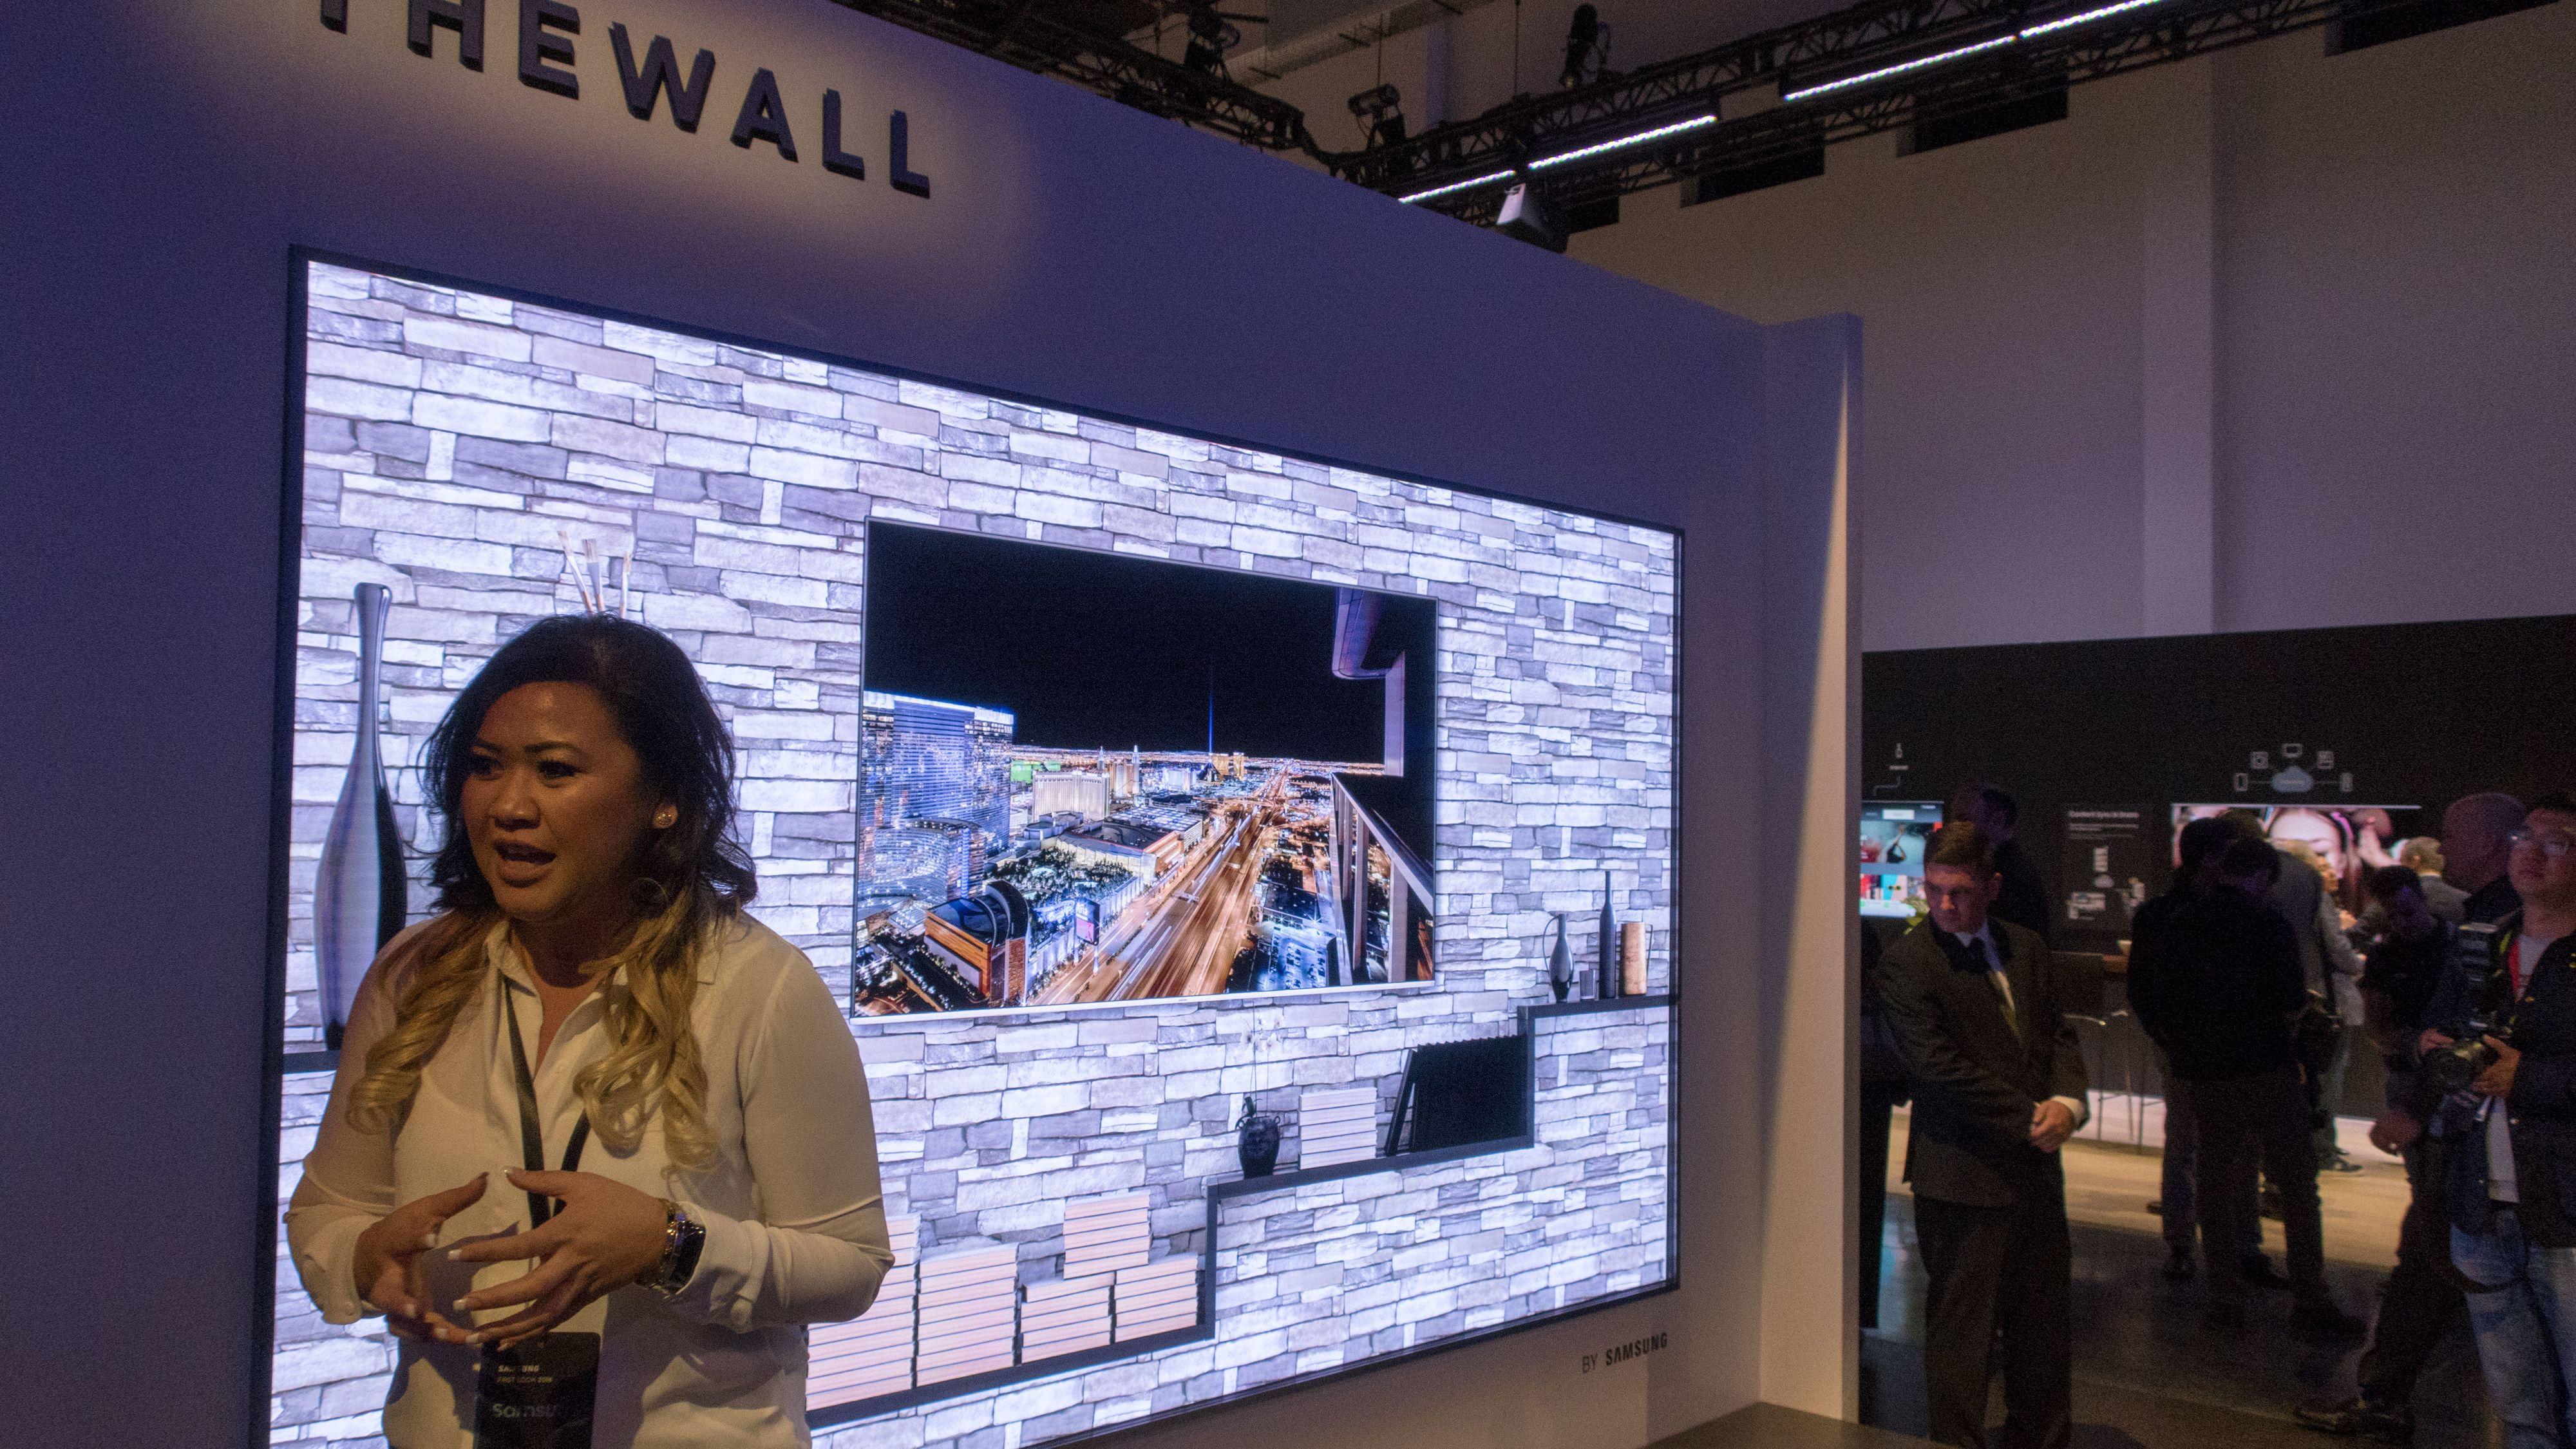 The Wall er navnet på Samsungs første MIcroLED-TV, og konfigurasjonen vi fikk se målte hele 146 tommer i størrelse. Bilde: Ole Henrik Johansen / Tek.no